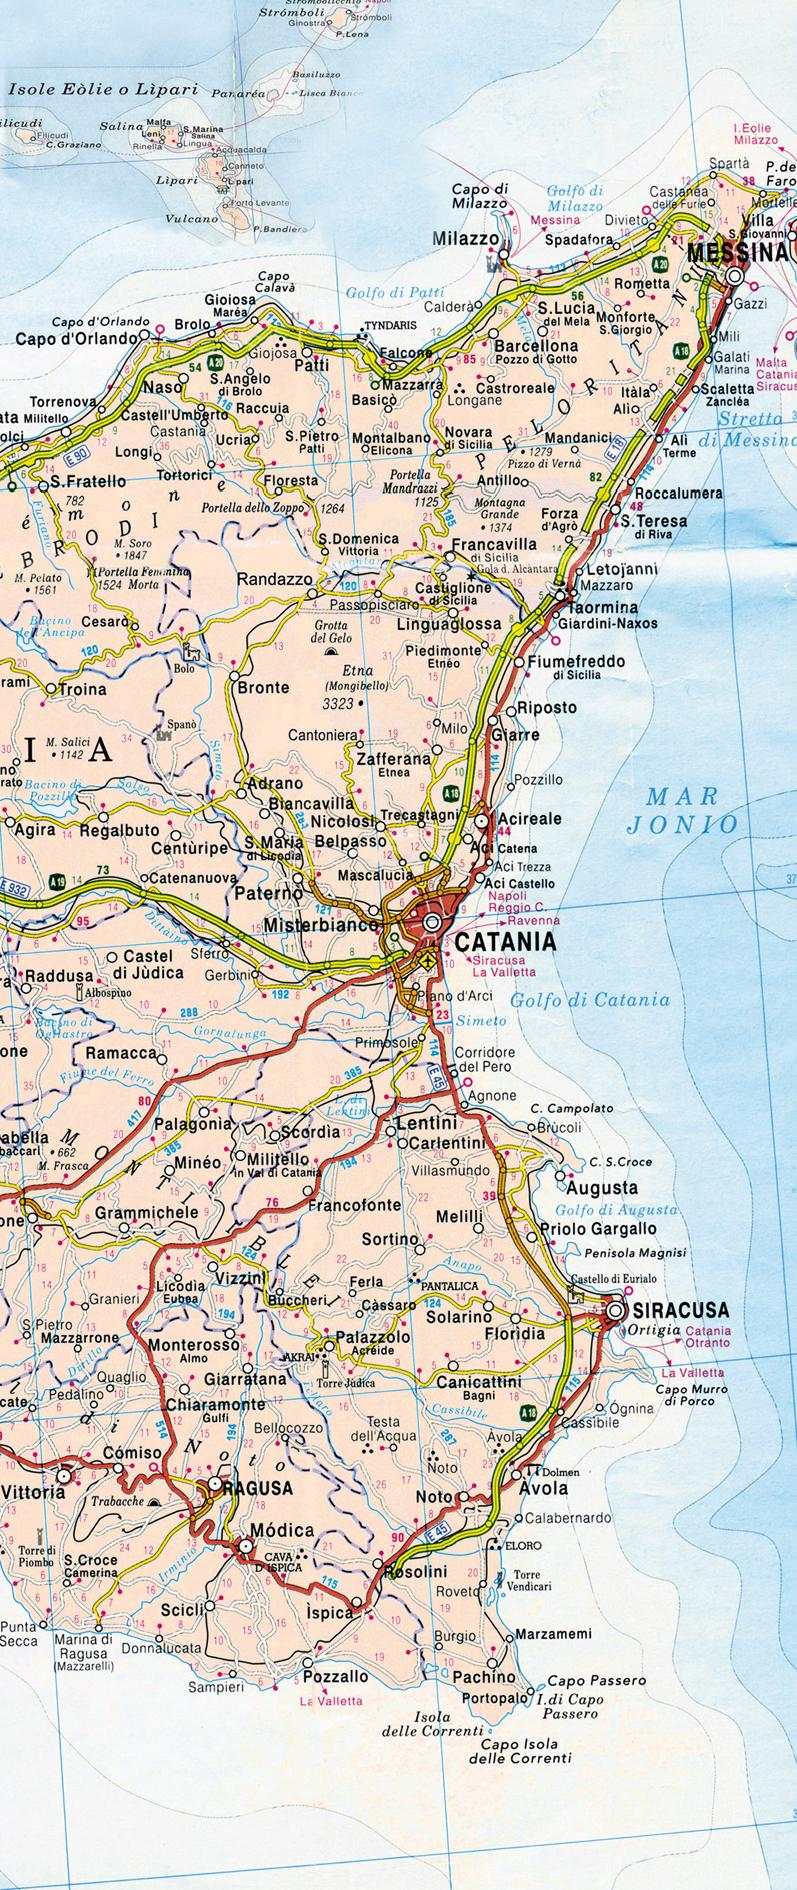 Percorrendo la sicilia cartina della sicilia occidentale cartina della sicilia centrale cartina della sicilia orientale thecheapjerseys Gallery